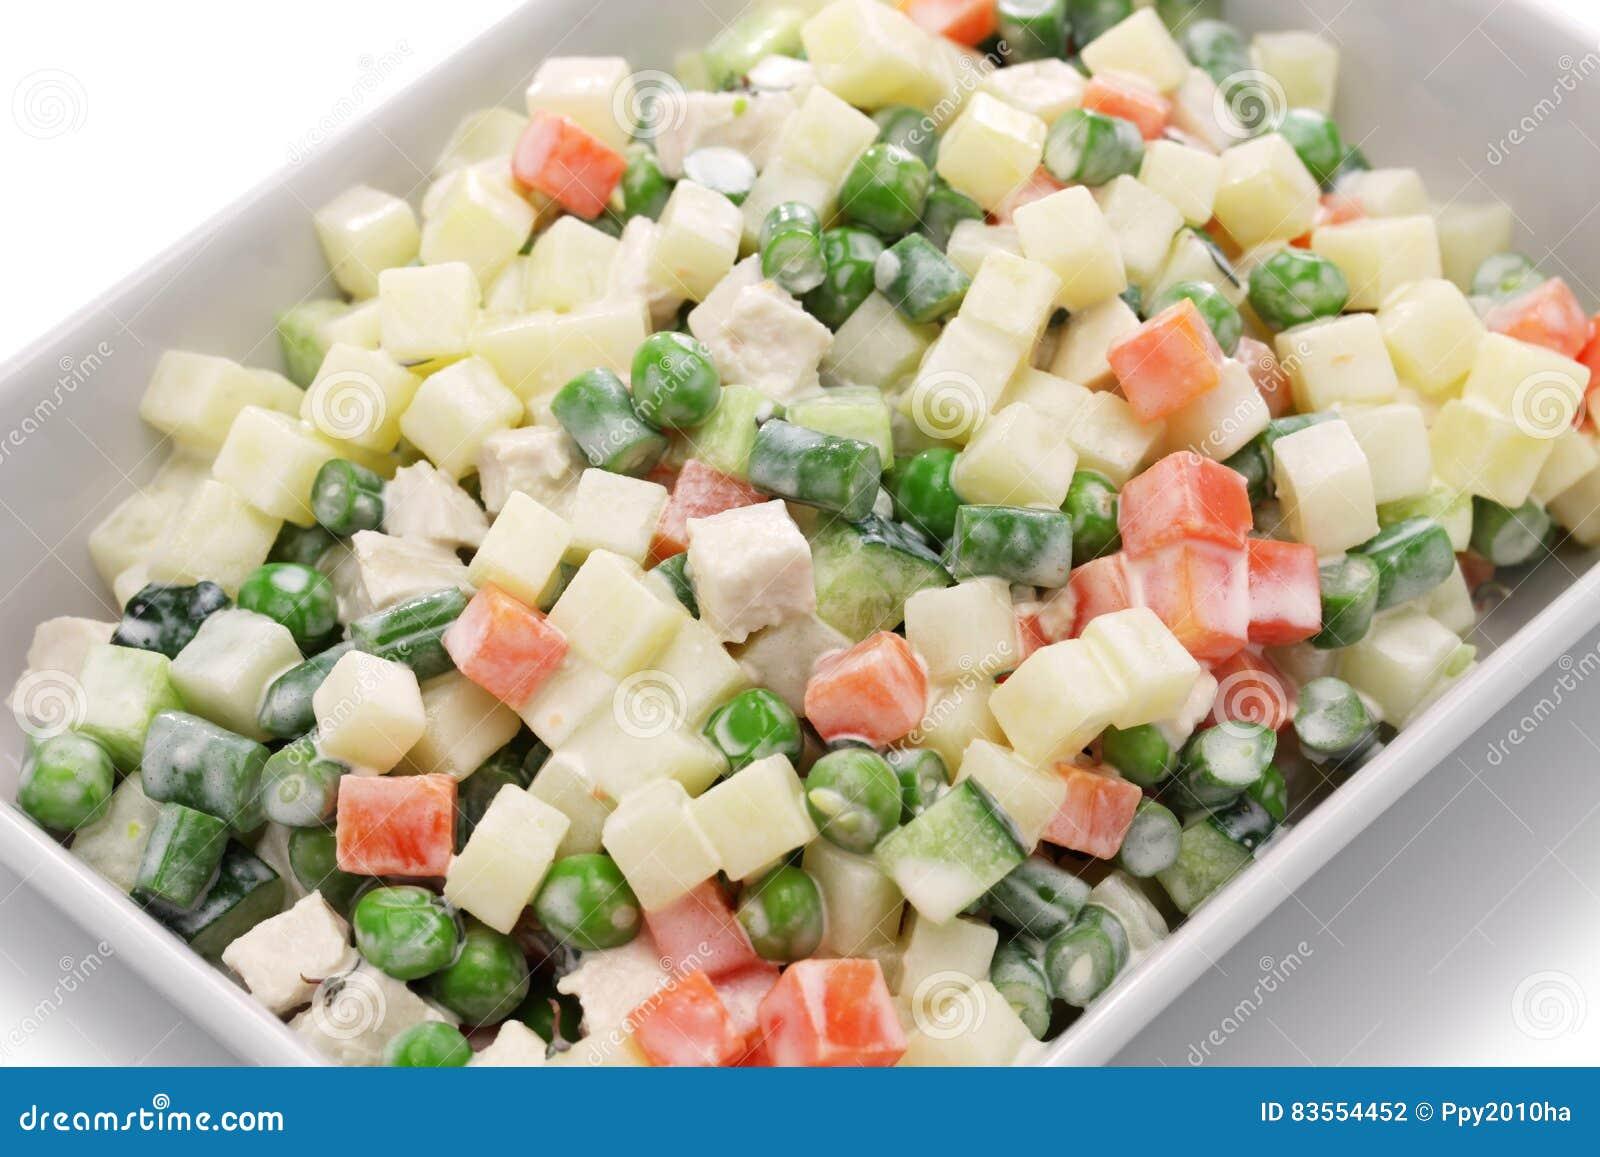 Macedonia salad, macedoine de legumes, mixed vegetable salad